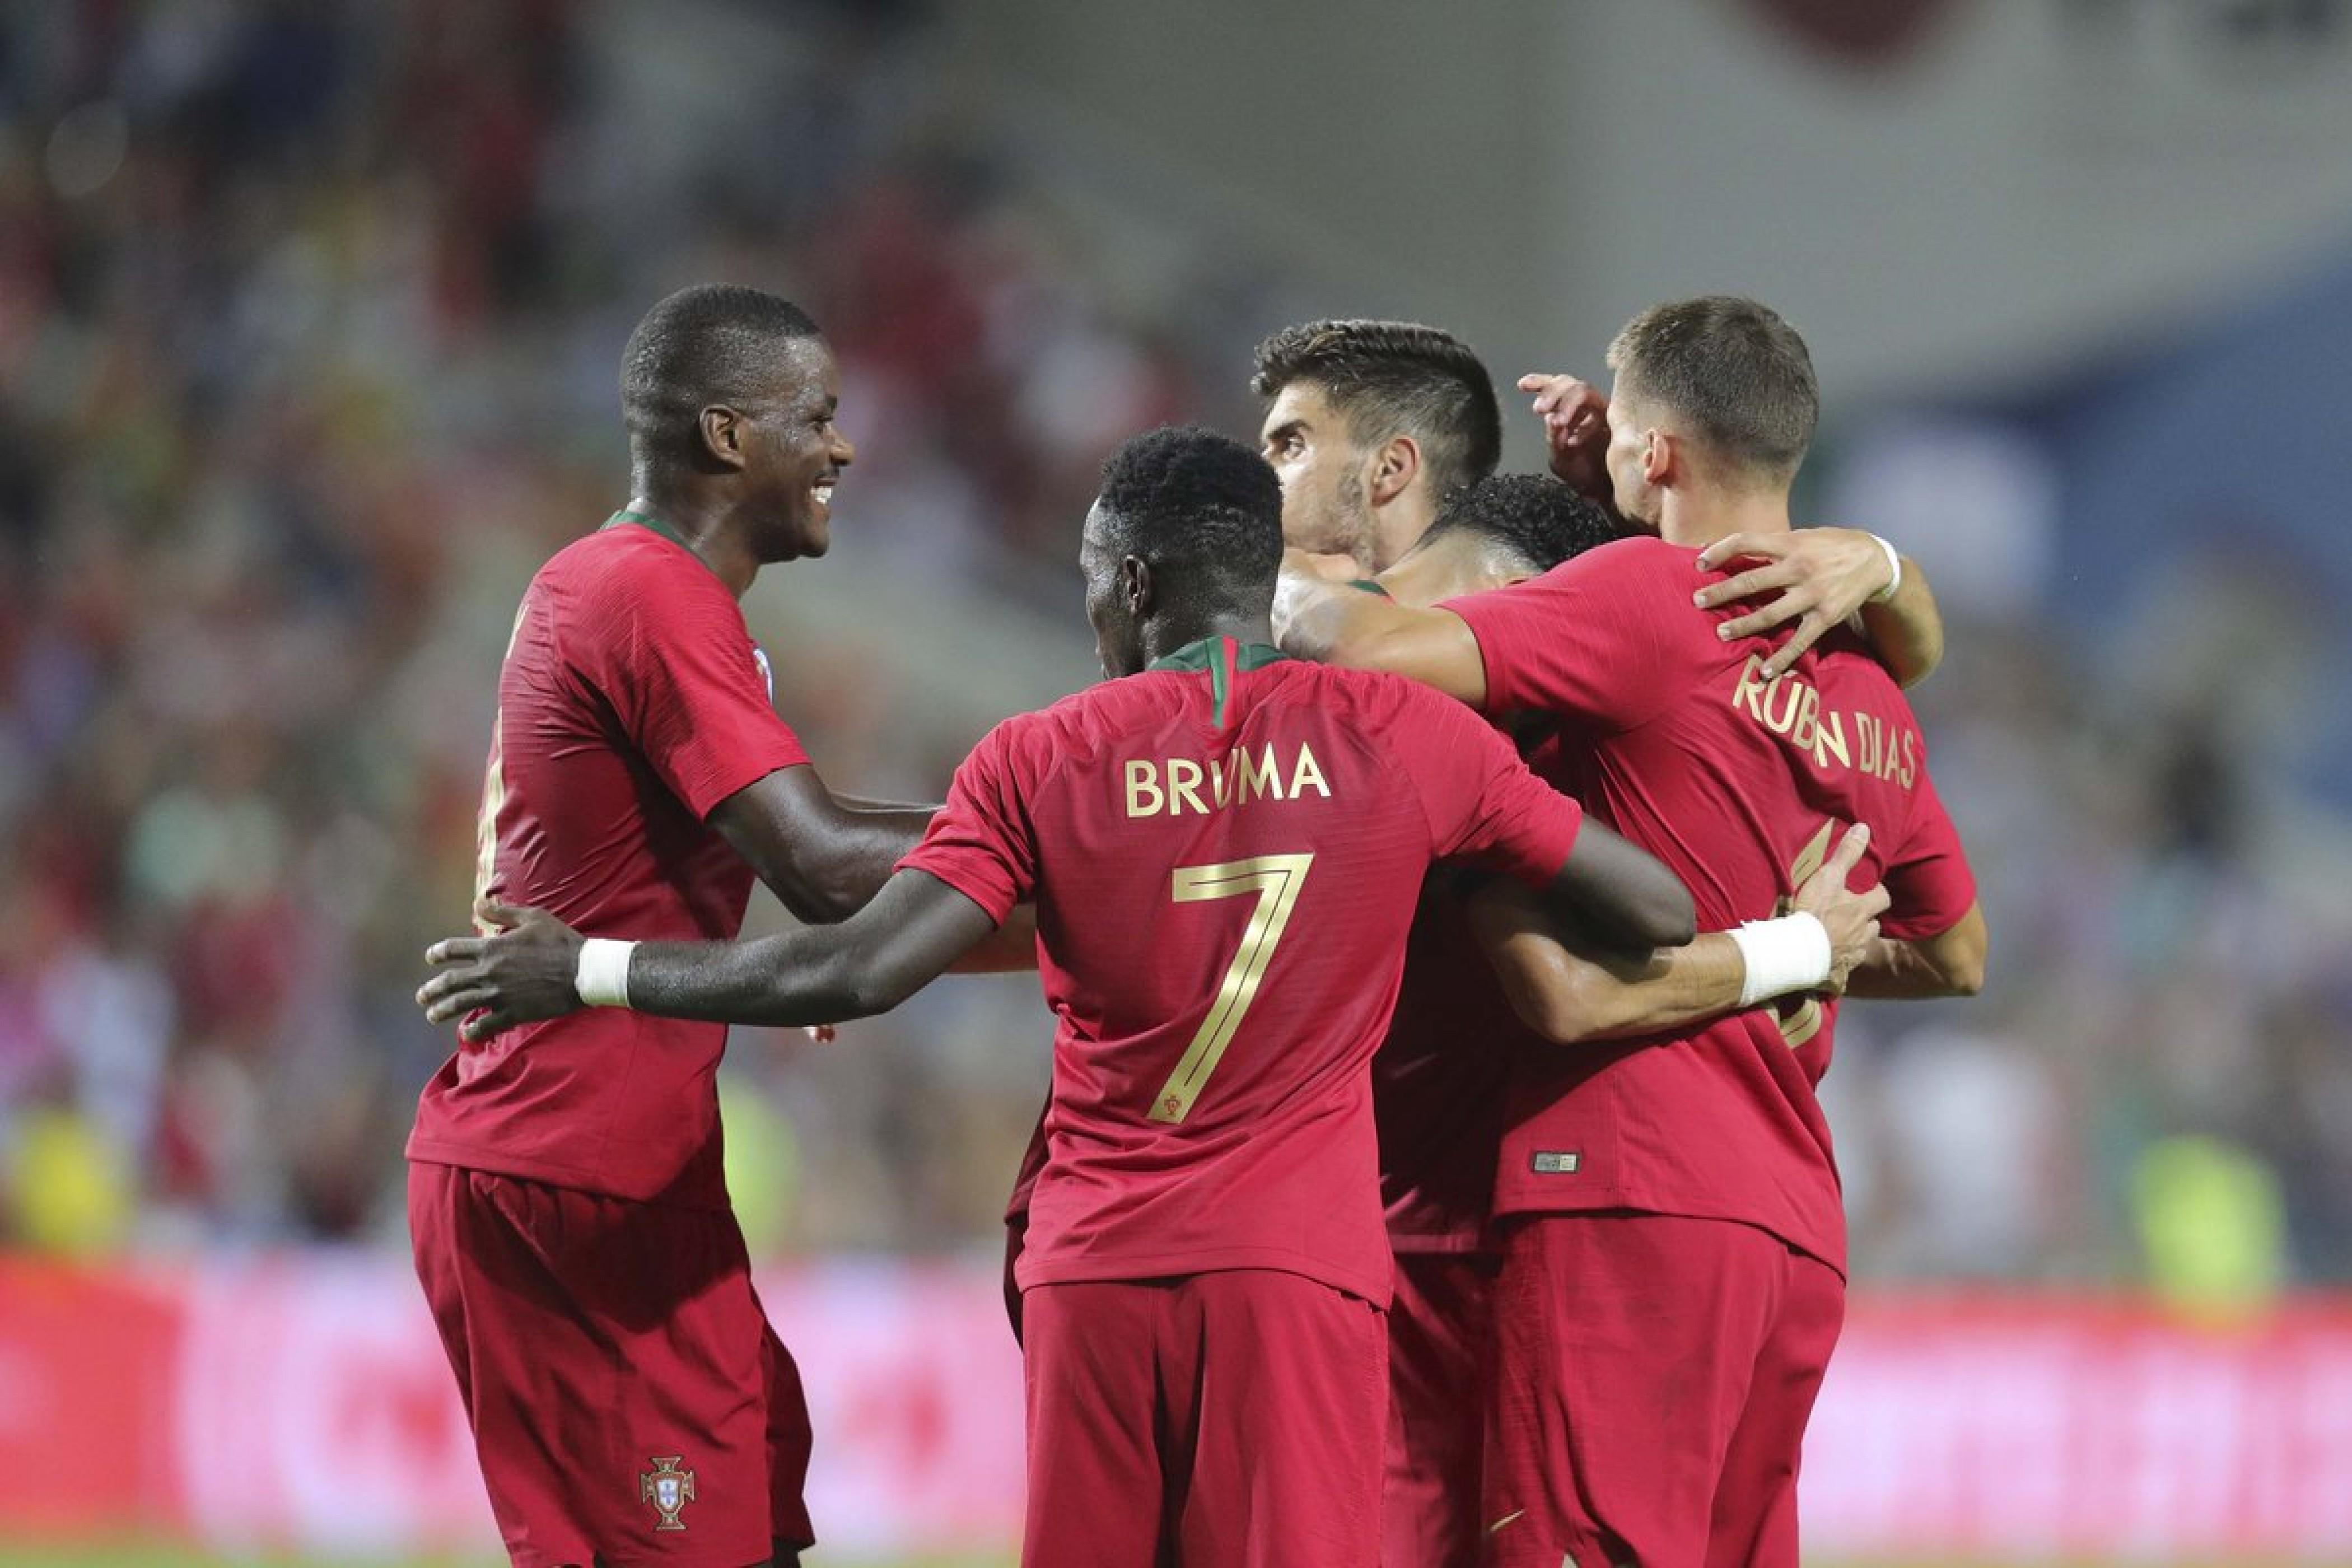 Portogallo - Le scelte di Santos verso l'Italia